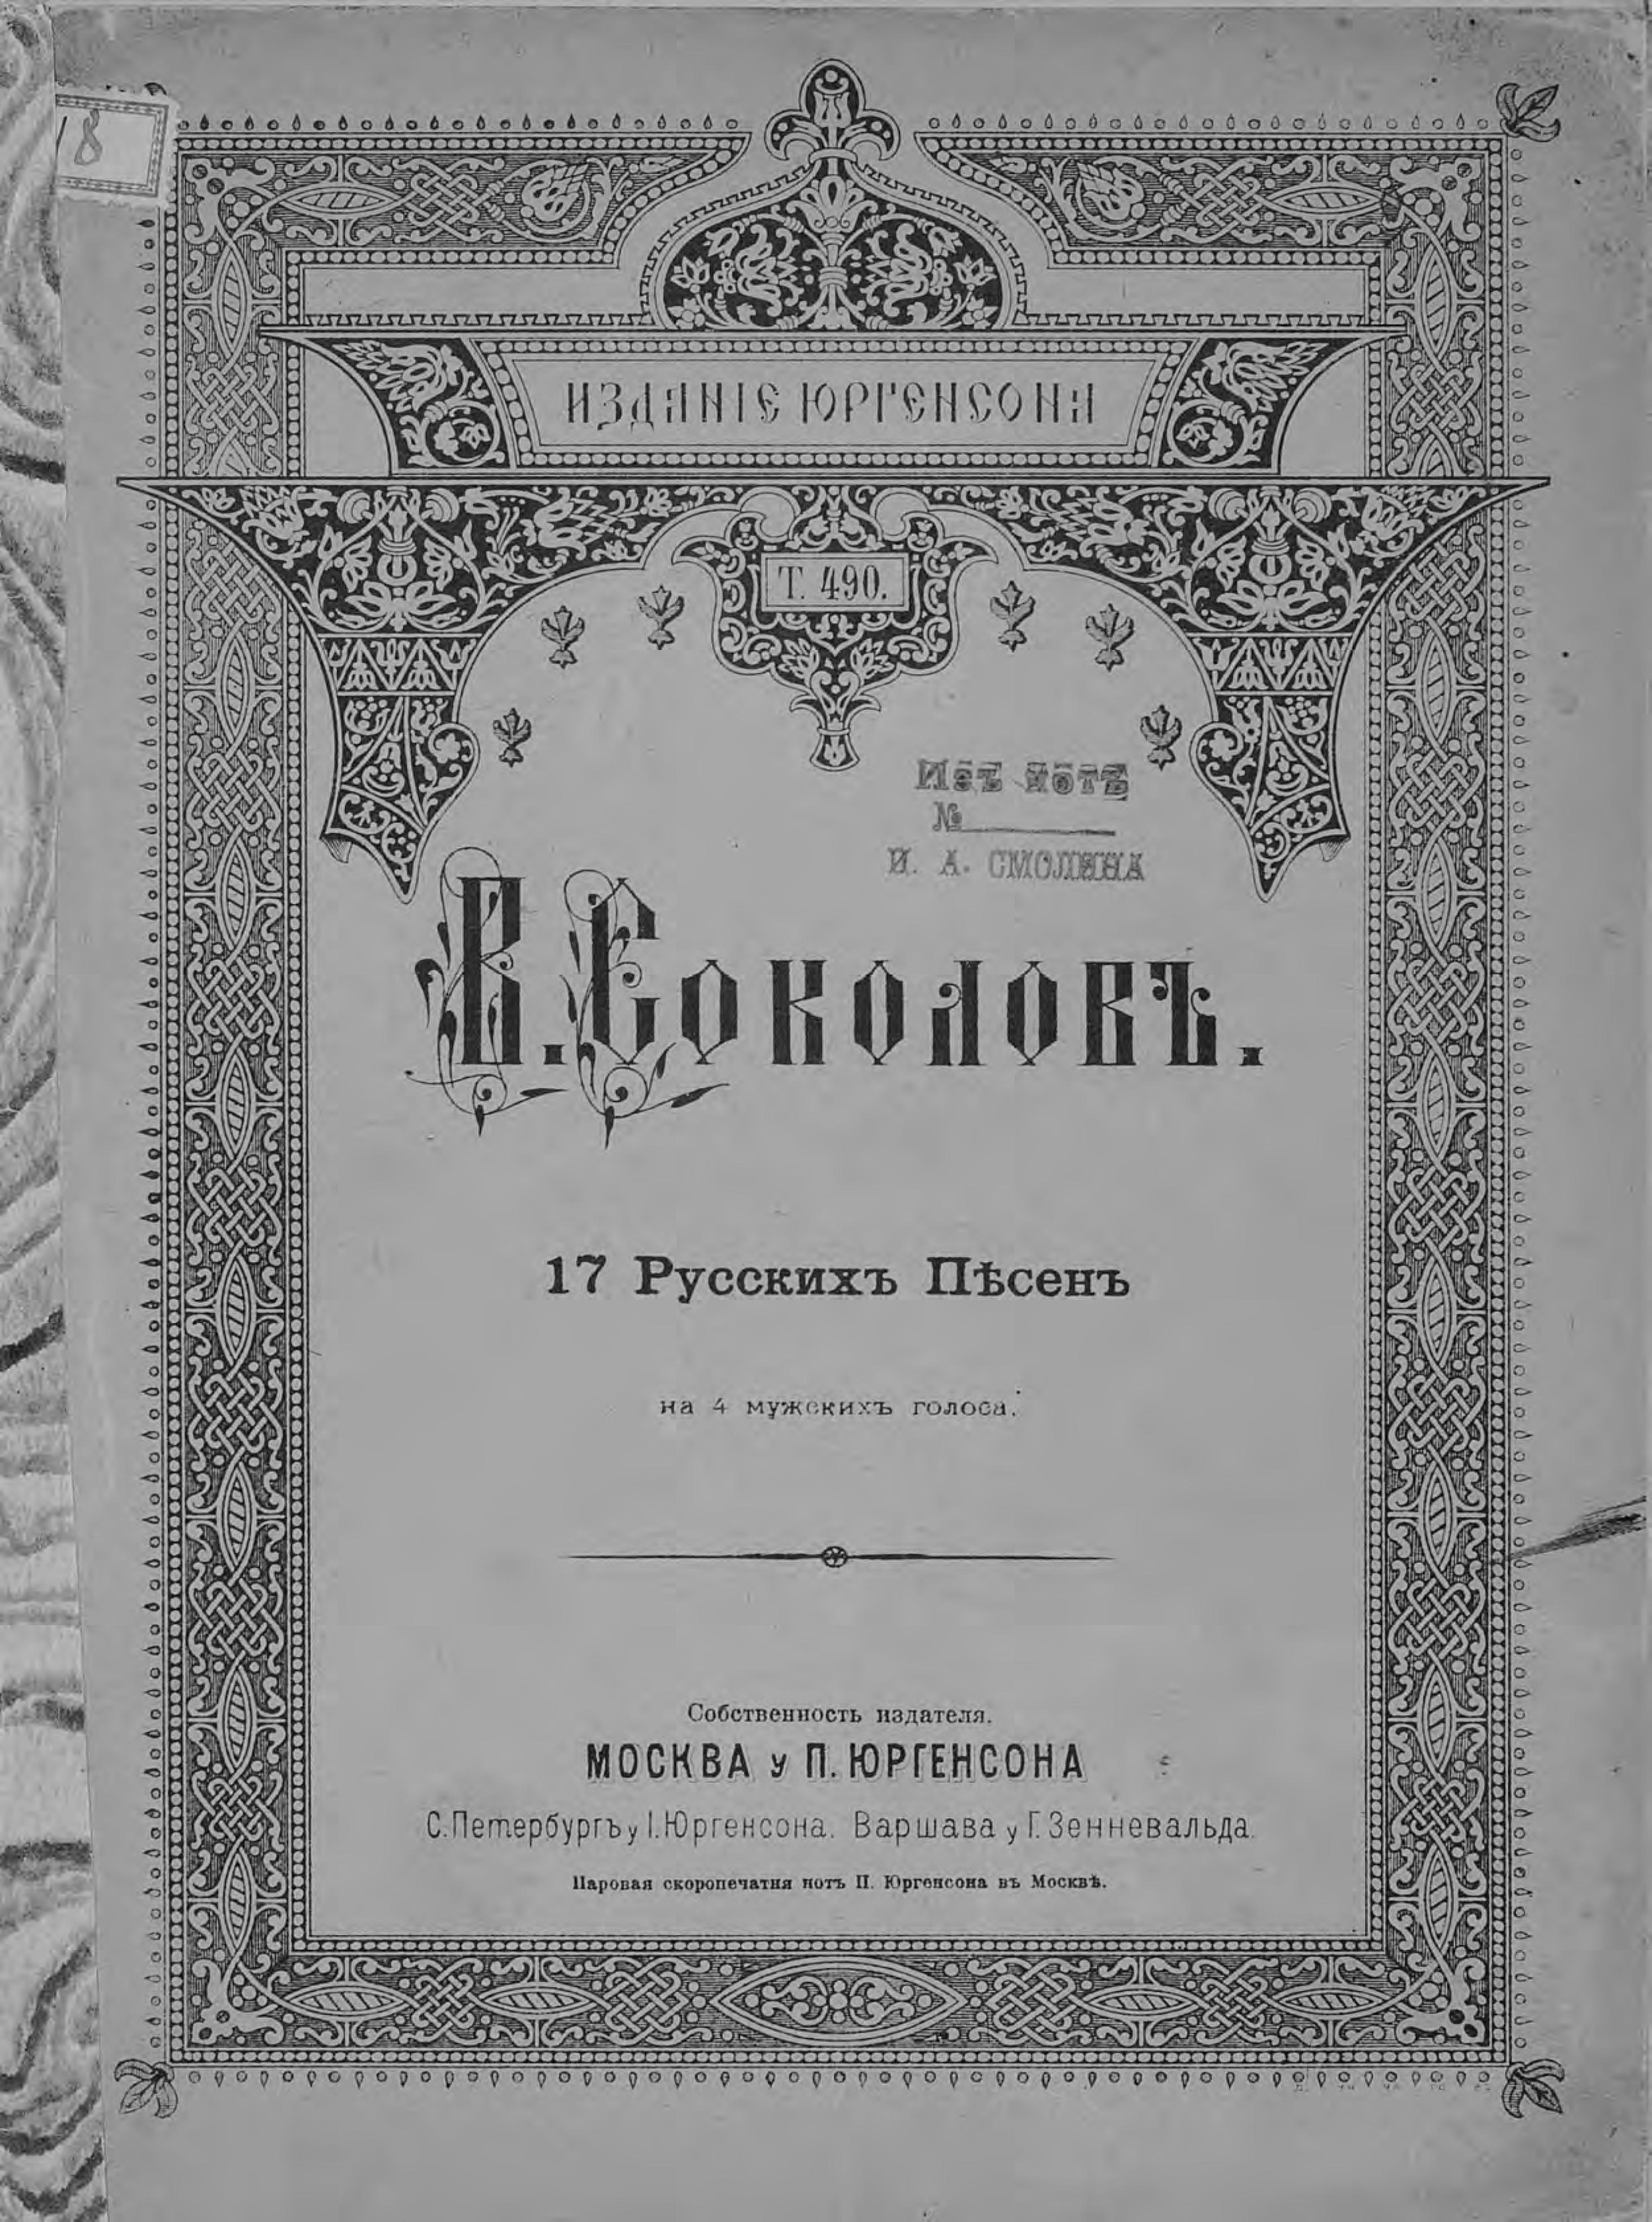 Владимир Тимофеевич Соколов 17 русских песен на 4 мужских голоса владимир соколов лузер